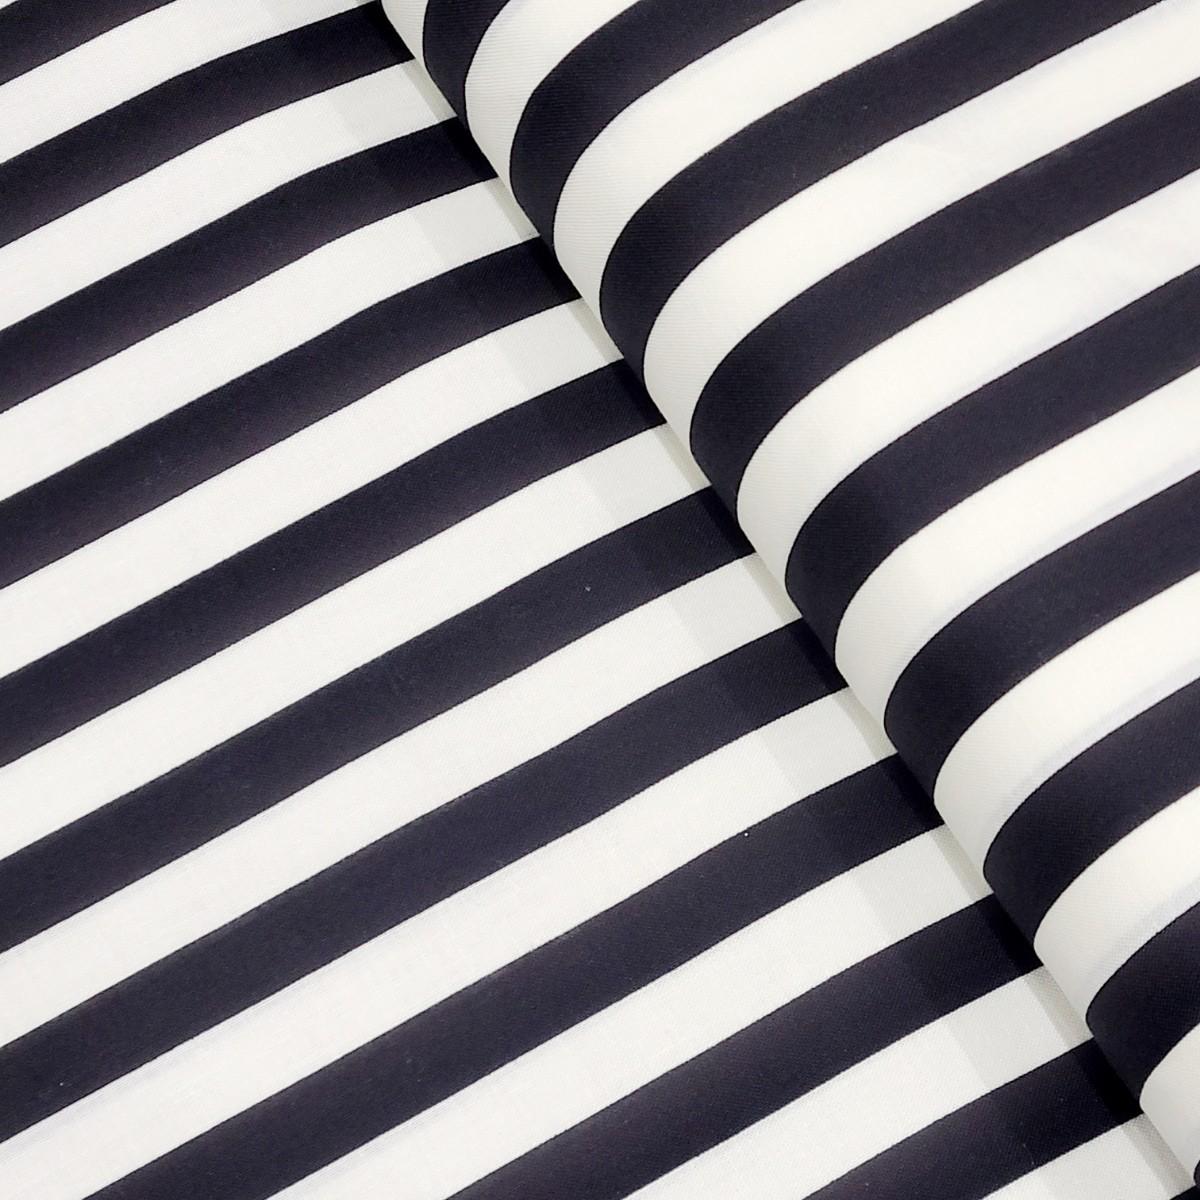 シーチング 生地 ストライプ 白 黒 はぎれ 約110㎝巾×約100㎝ ハギレ